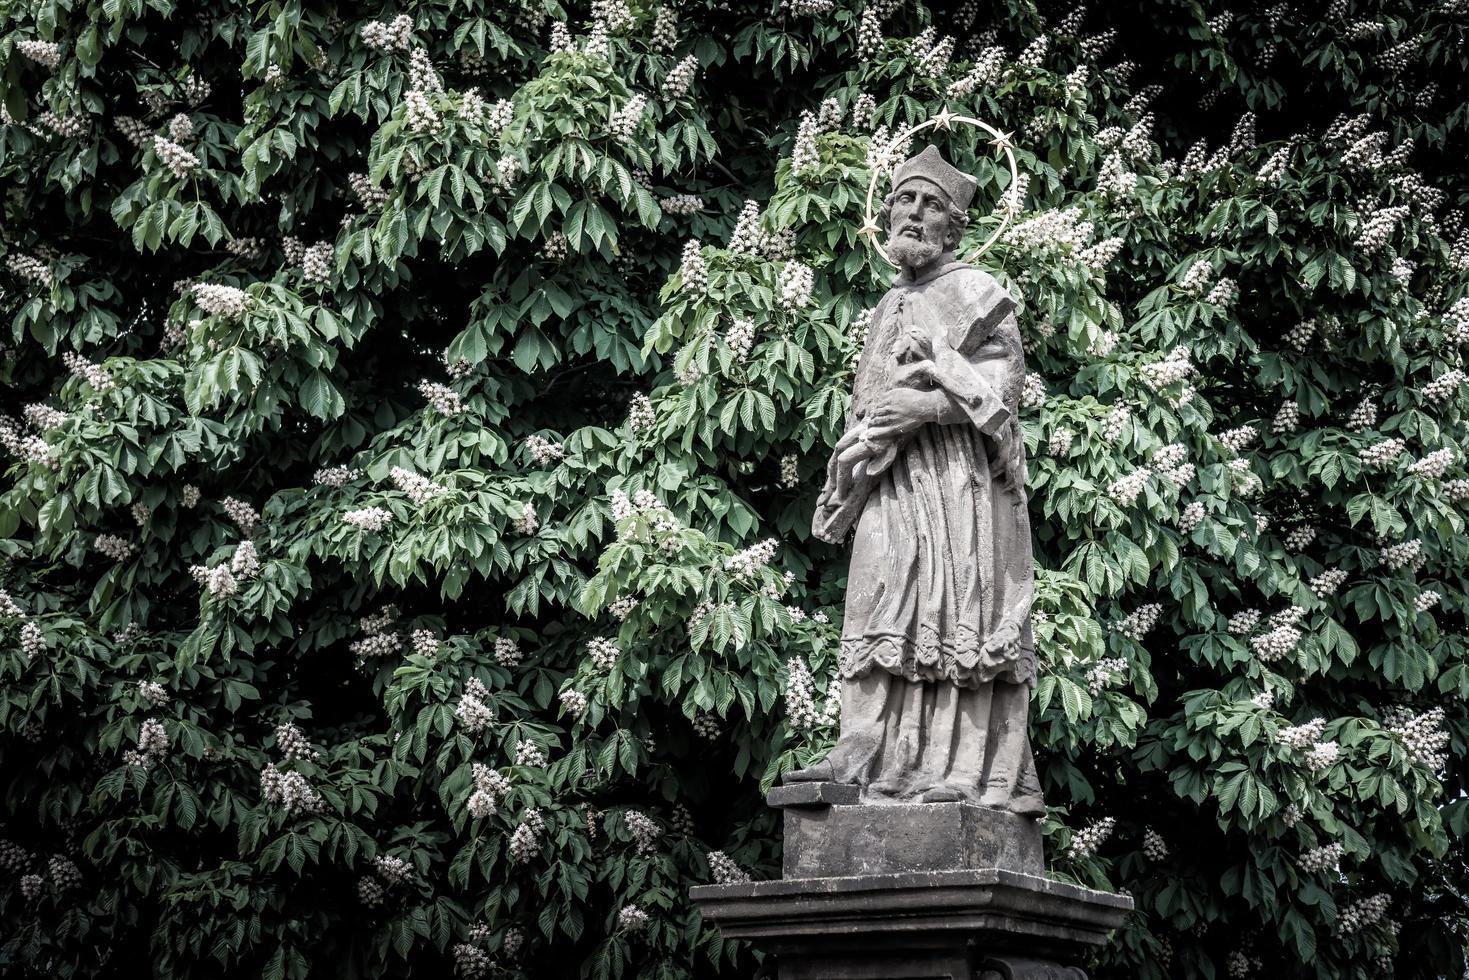 Tschechische Republik 2017 - John von Nepomuk Statue foto